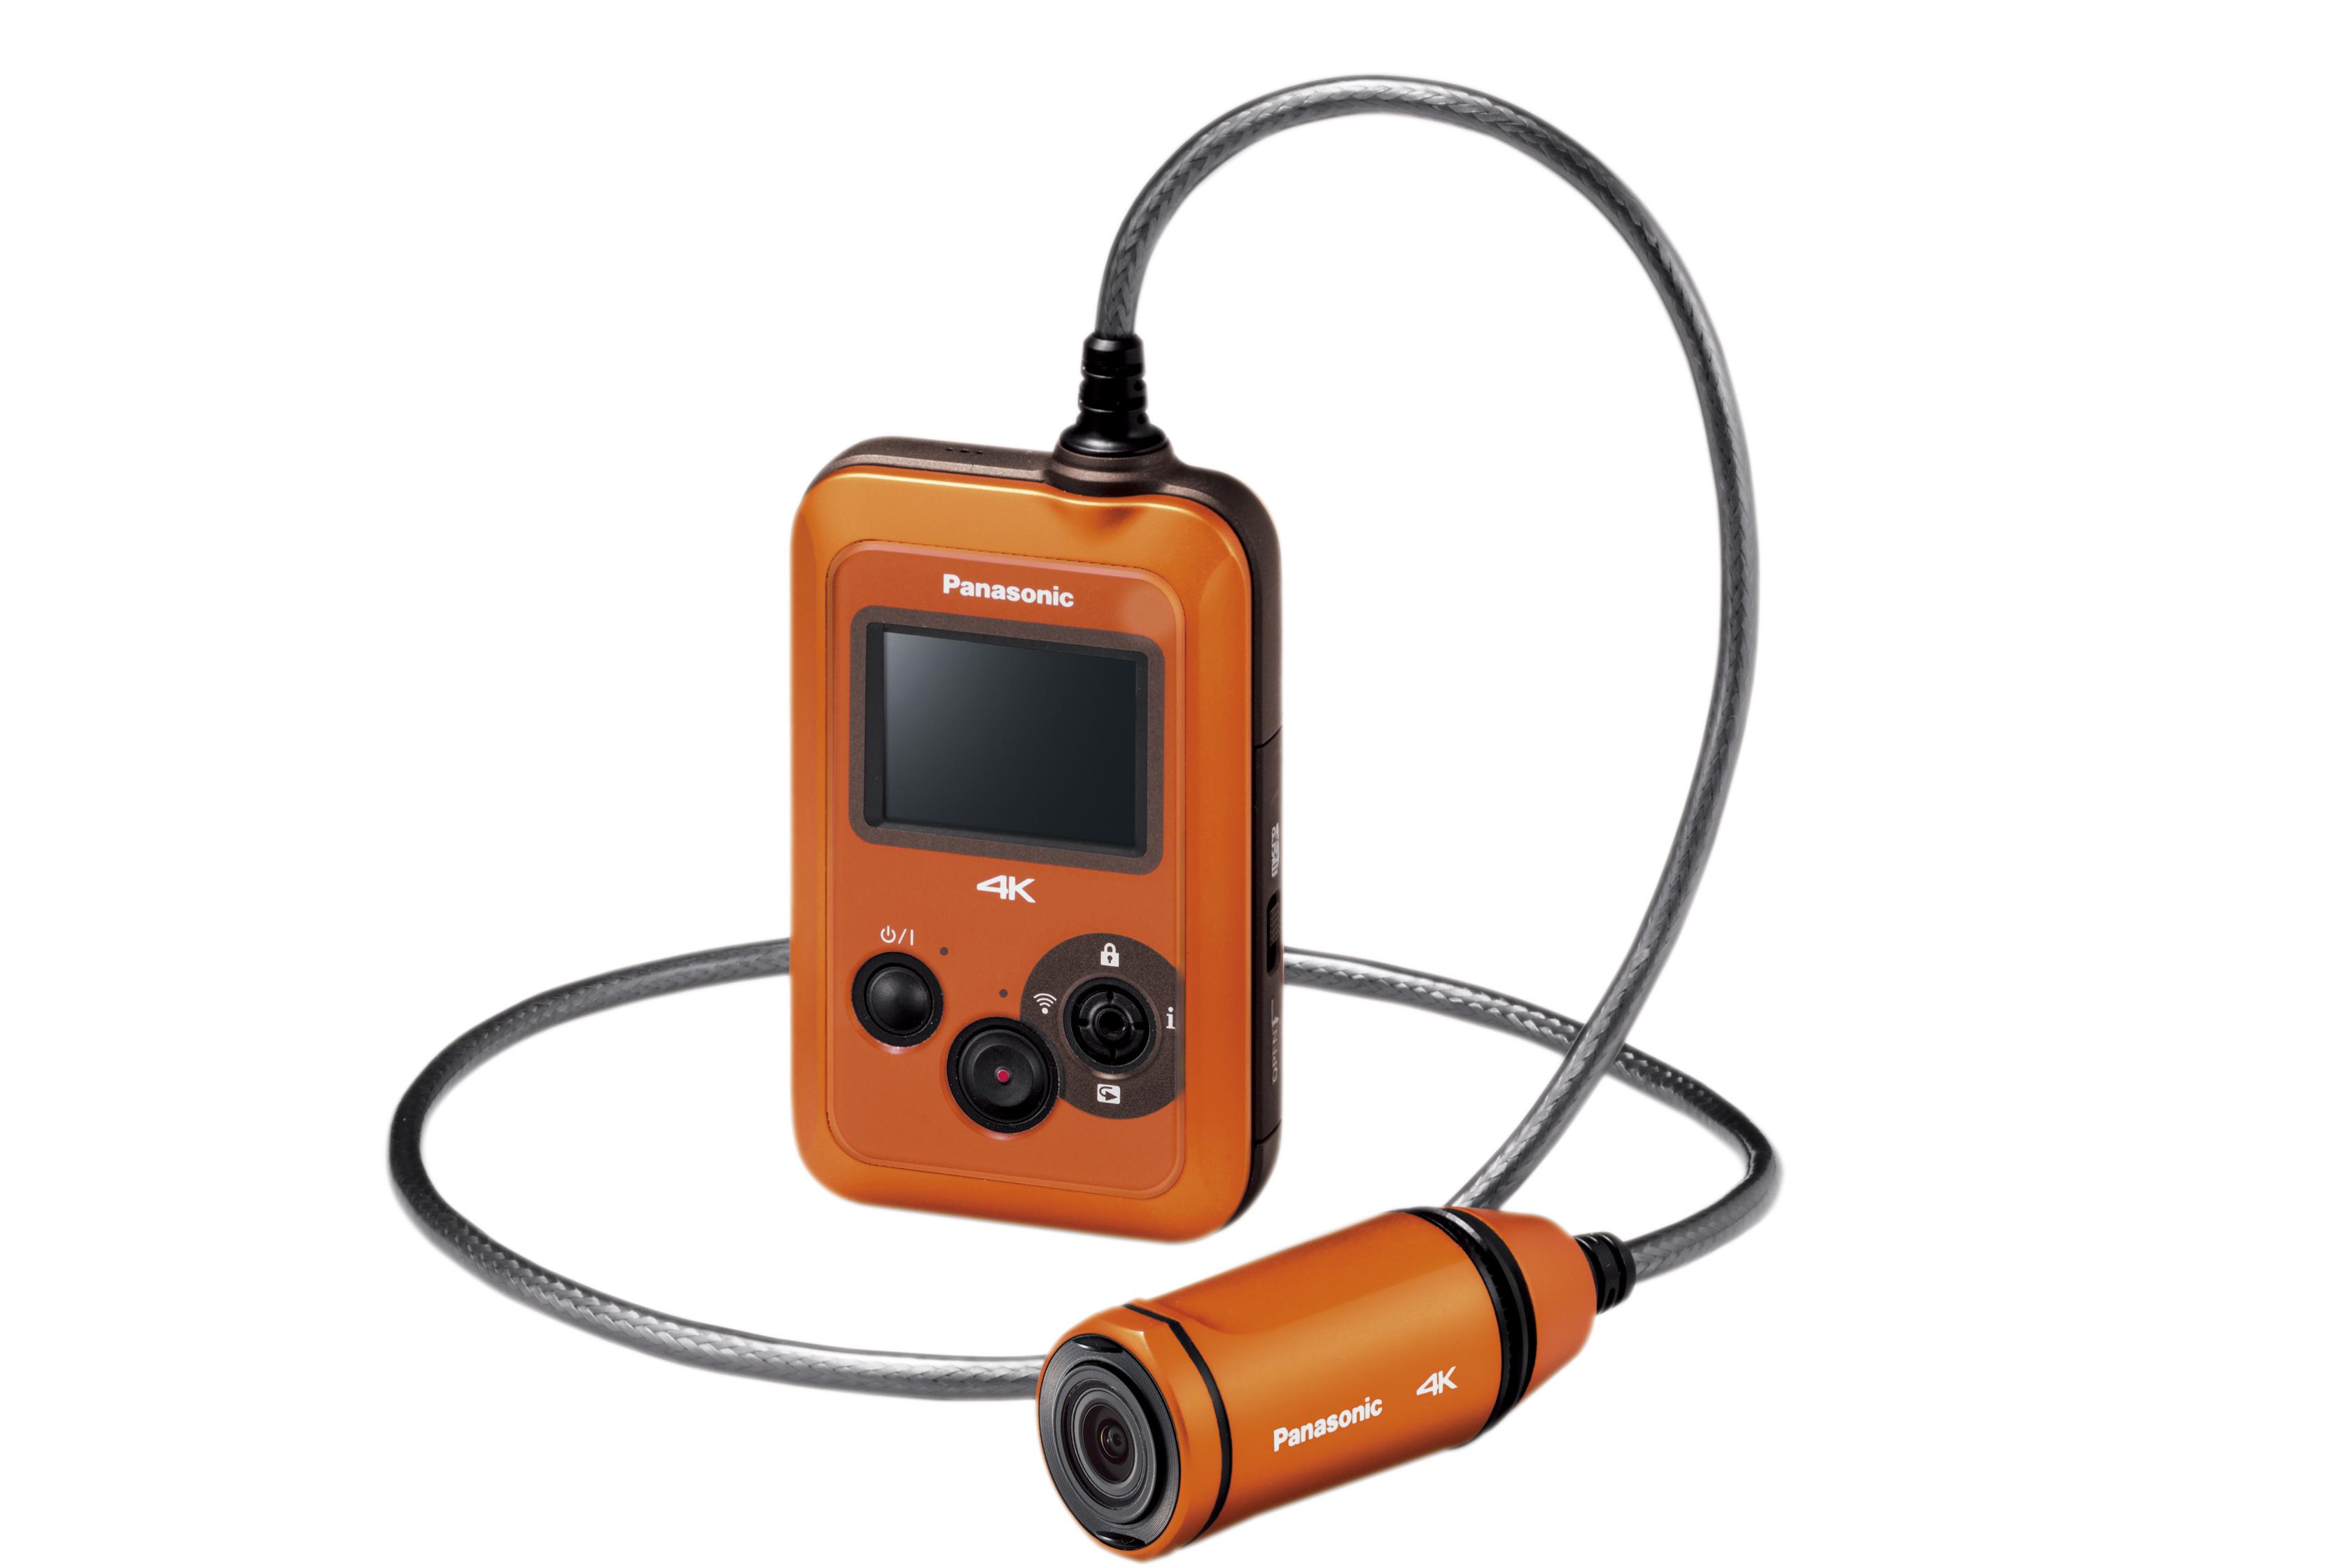 パナソニック ウェアラブルカメラ HX-A500−D